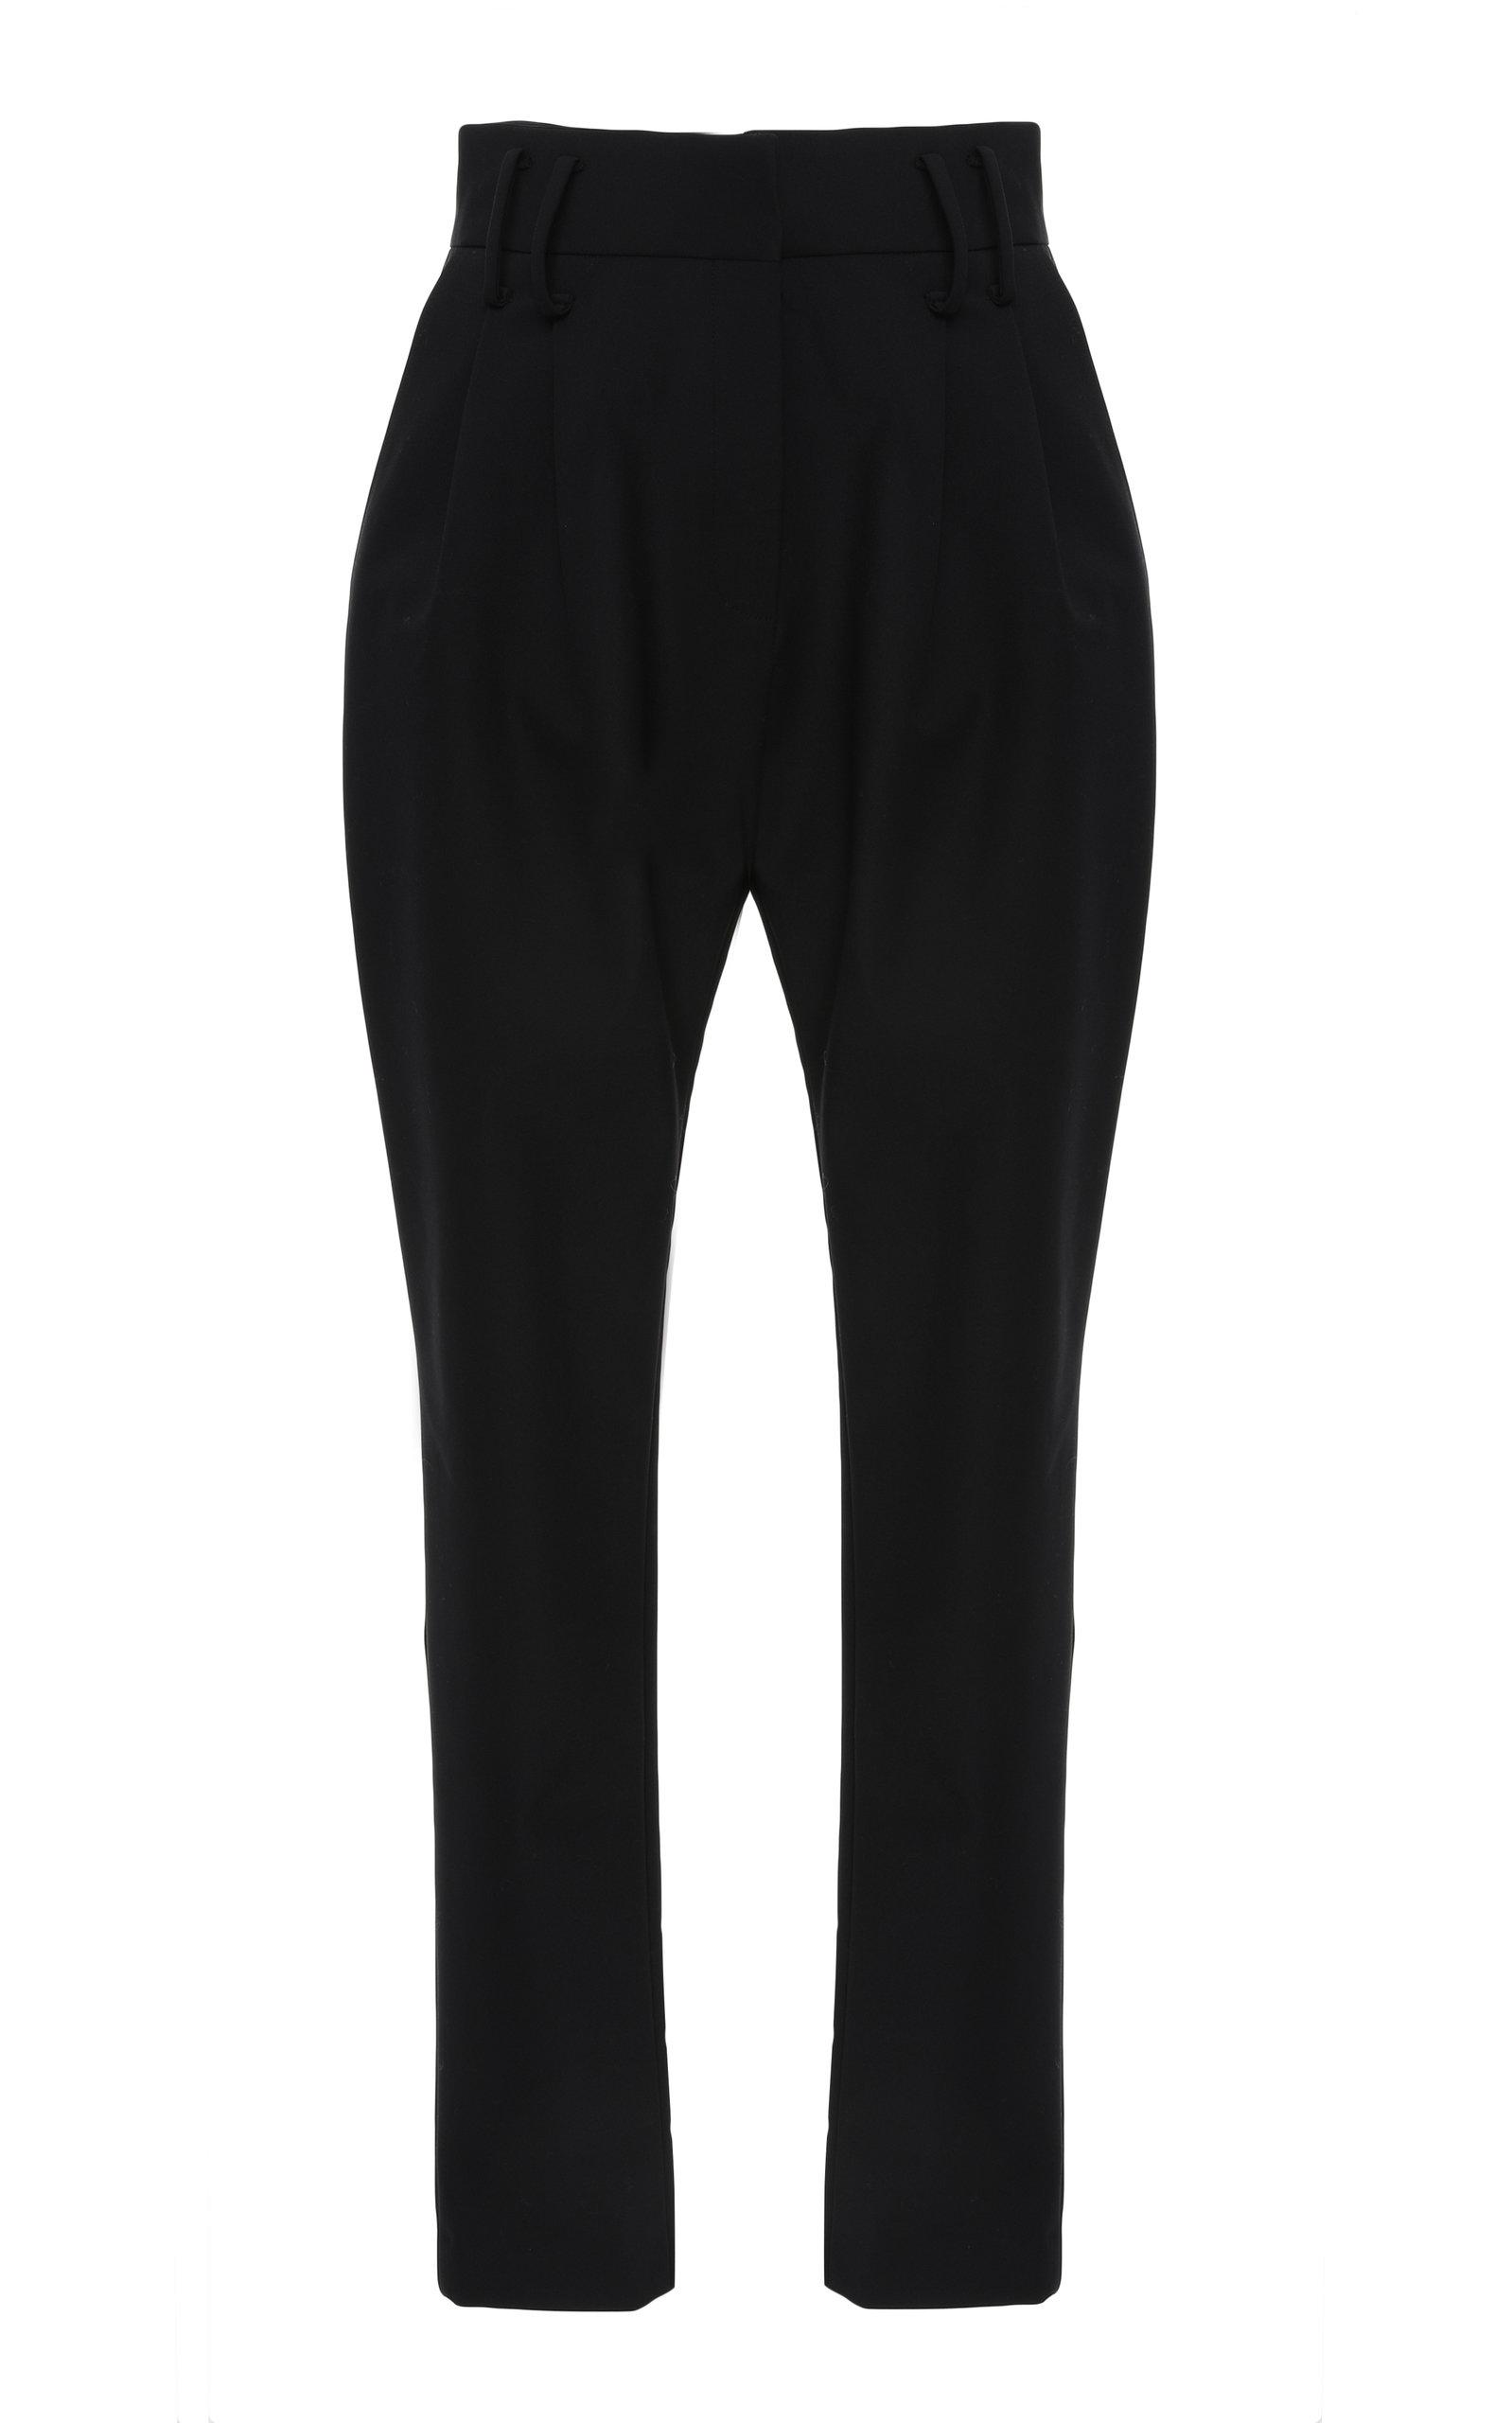 BANDE NOIR June Skinny Pant in Black